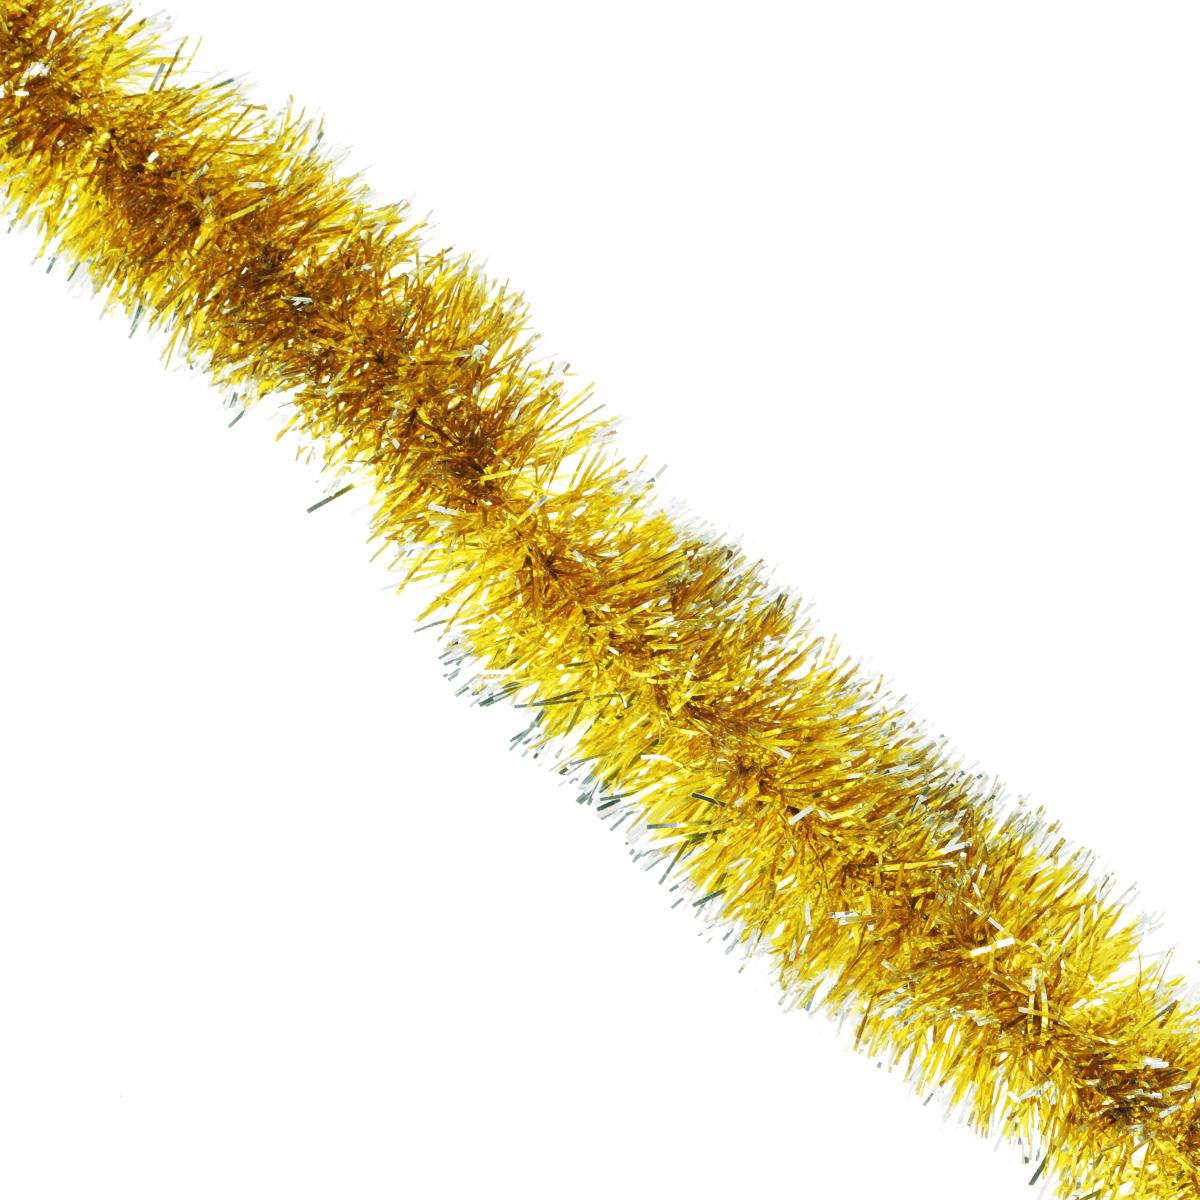 Мишура новогодняя Sima-land, цвет: золотистый, диаметр 5 см, длина 1,7 м. 427134427134Новогодняя мишура Sima-land, как будто покрытая инеем, поможет вам украсить свой дом к предстоящим праздникам. А новогодняя елка с таким украшением станет еще наряднее. Мишура армирована, то есть имеет проволоку внутри и способна сохранять приданную ей форму. Новогодней мишурой можно украсить все, что угодно - елку, квартиру, дачу, офис - как внутри, так и снаружи. Можно сложить новогодние поздравления, буквы и цифры, мишурой можно украсить и дополнить гирлянды, можно выделить дверные колонны, оплести дверные проемы.